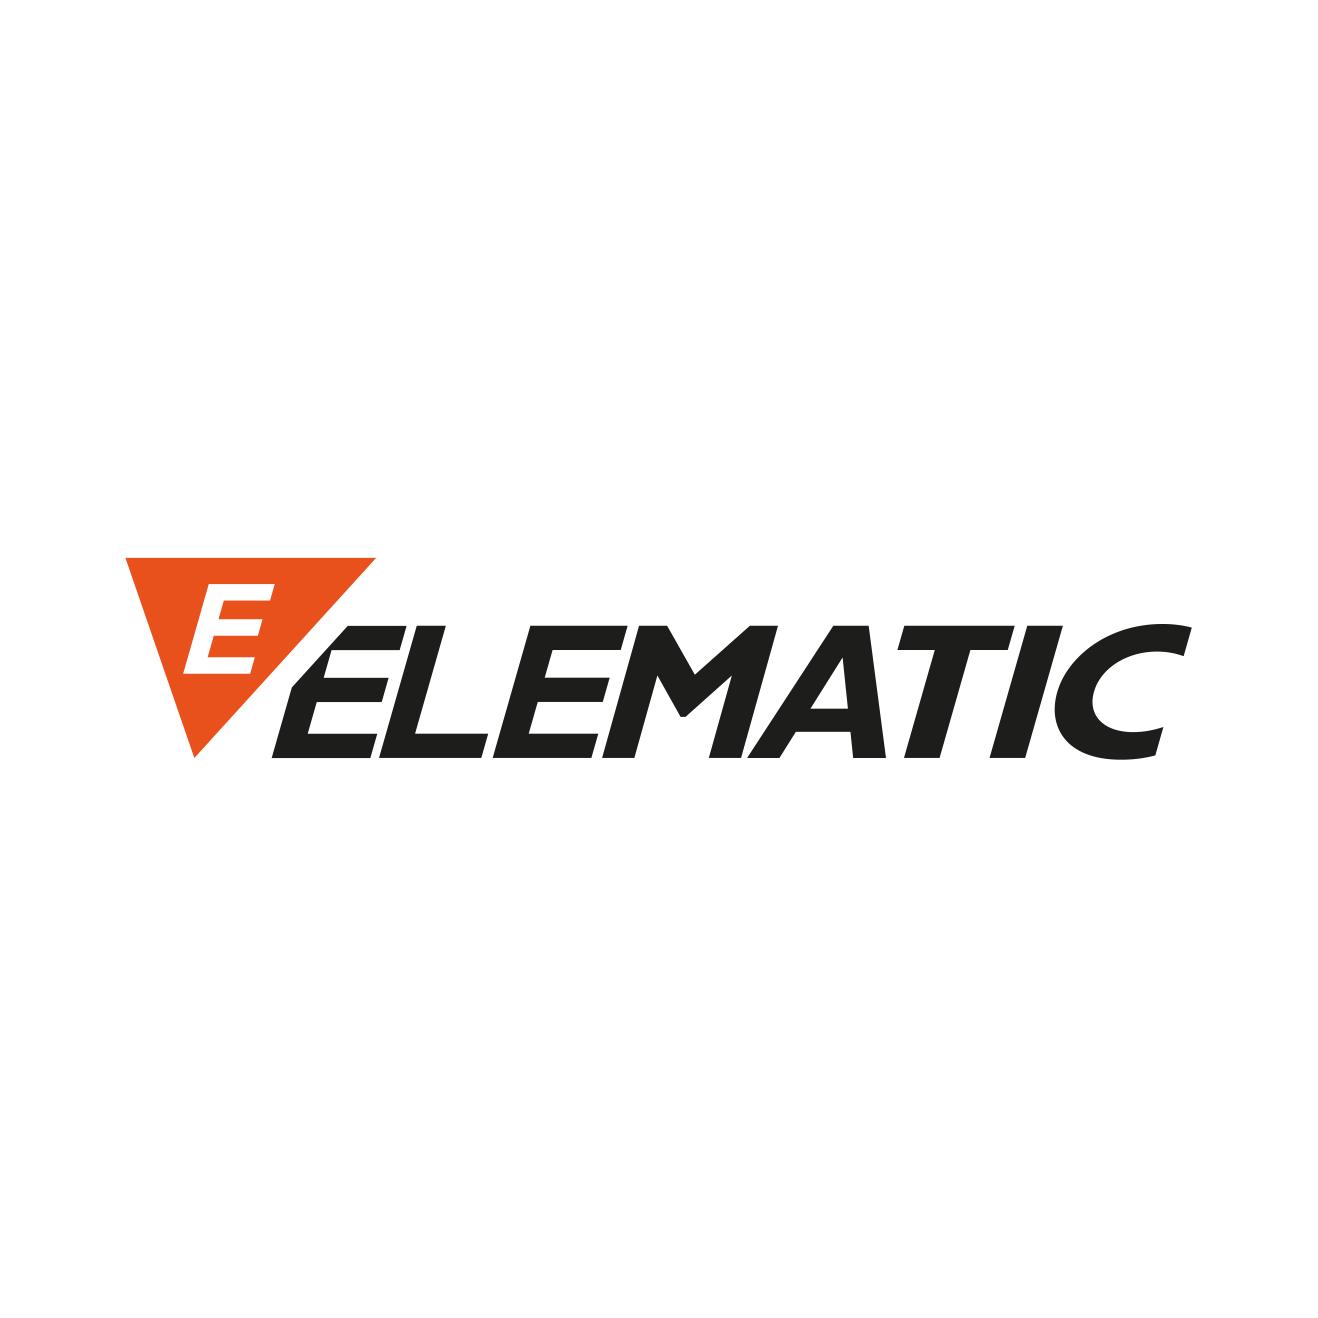 Elematic square